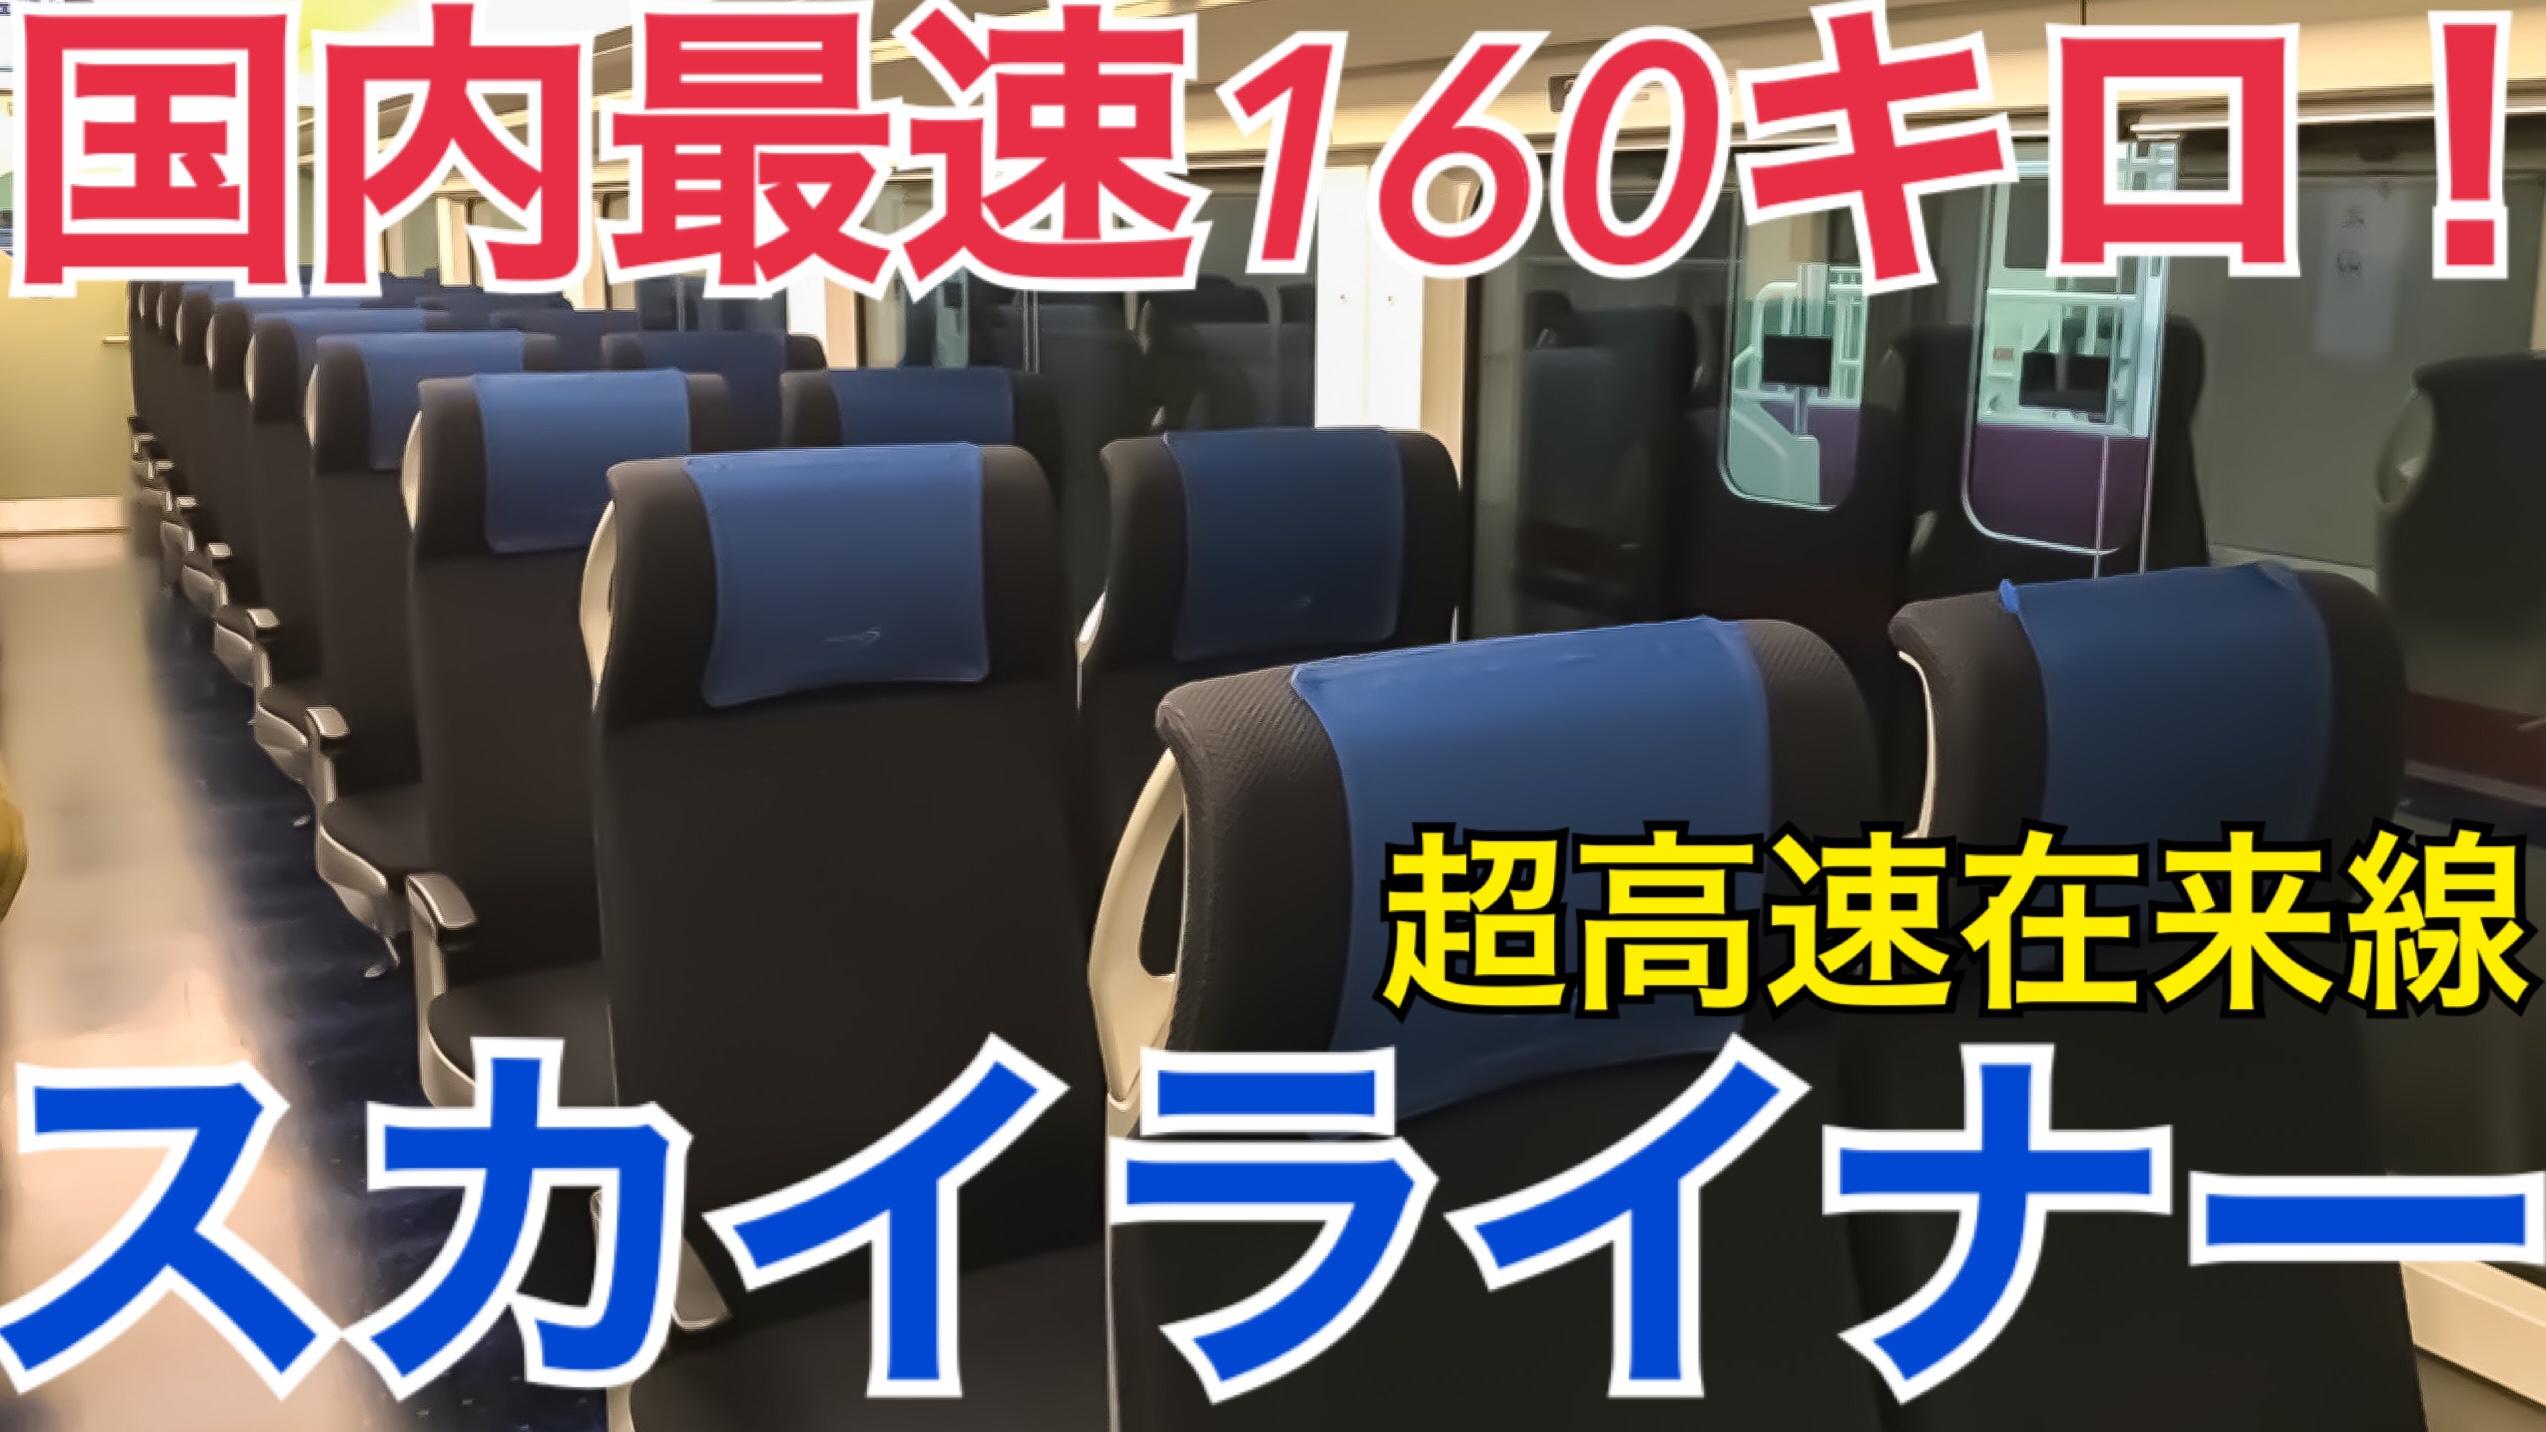 夢の高速運転!成田ってこんなに近かった?京成スカイライナー乗車記 成田エクスプレスとの違いは?【成田航空科学ツアー】